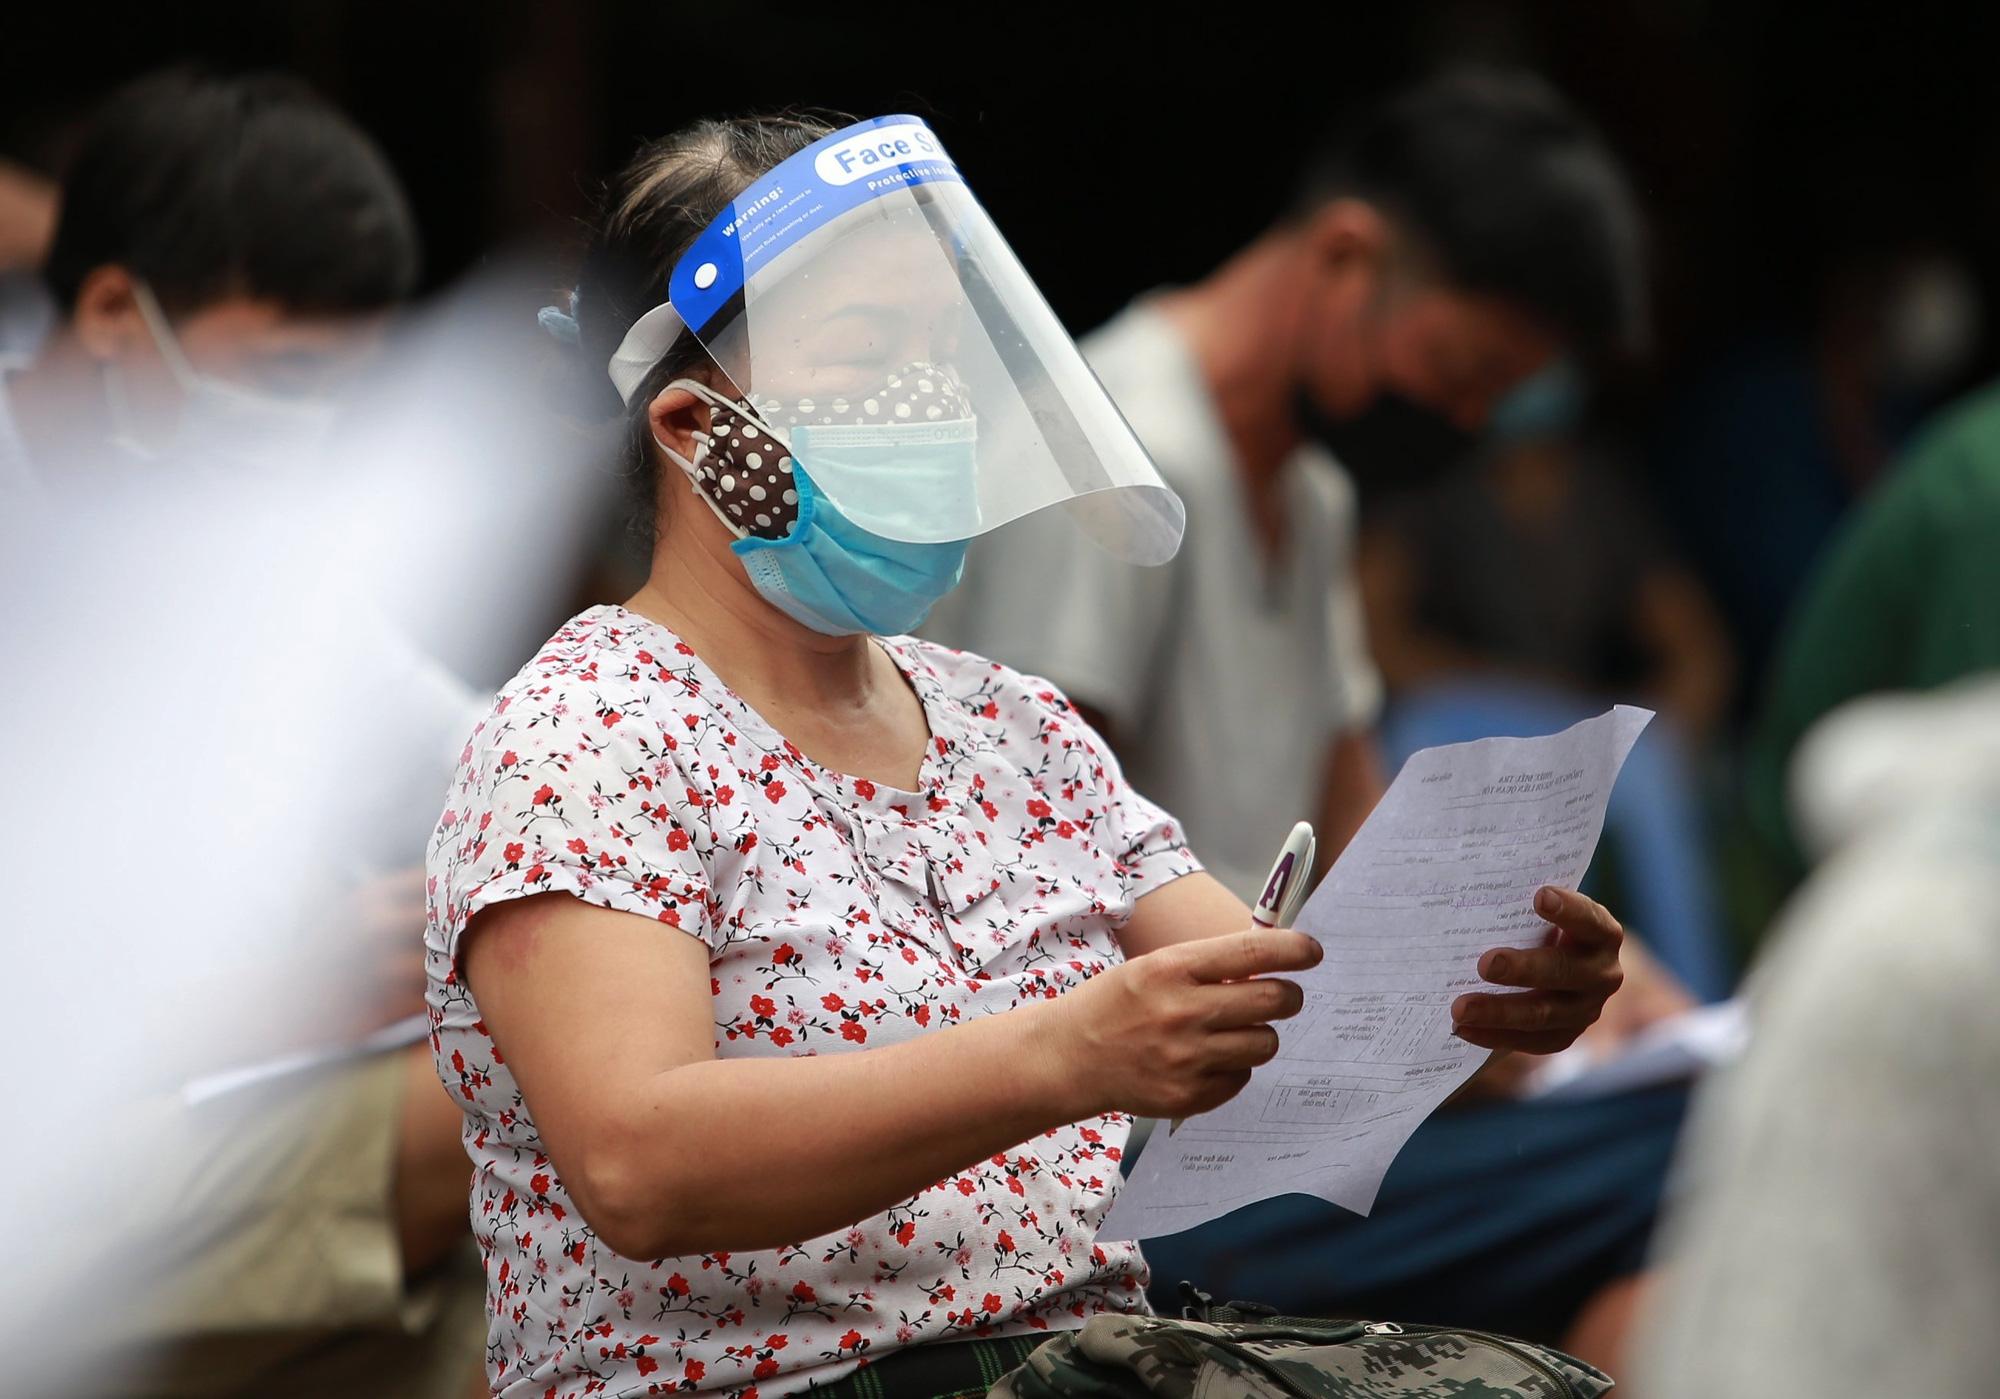 Hà Nội: Tạm dừng hoạt động chợ Phùng Khoang, xét nghiệm hàng trăm tiểu thương sau khi người bán rau nhiễm Covid-19 - Ảnh 3.